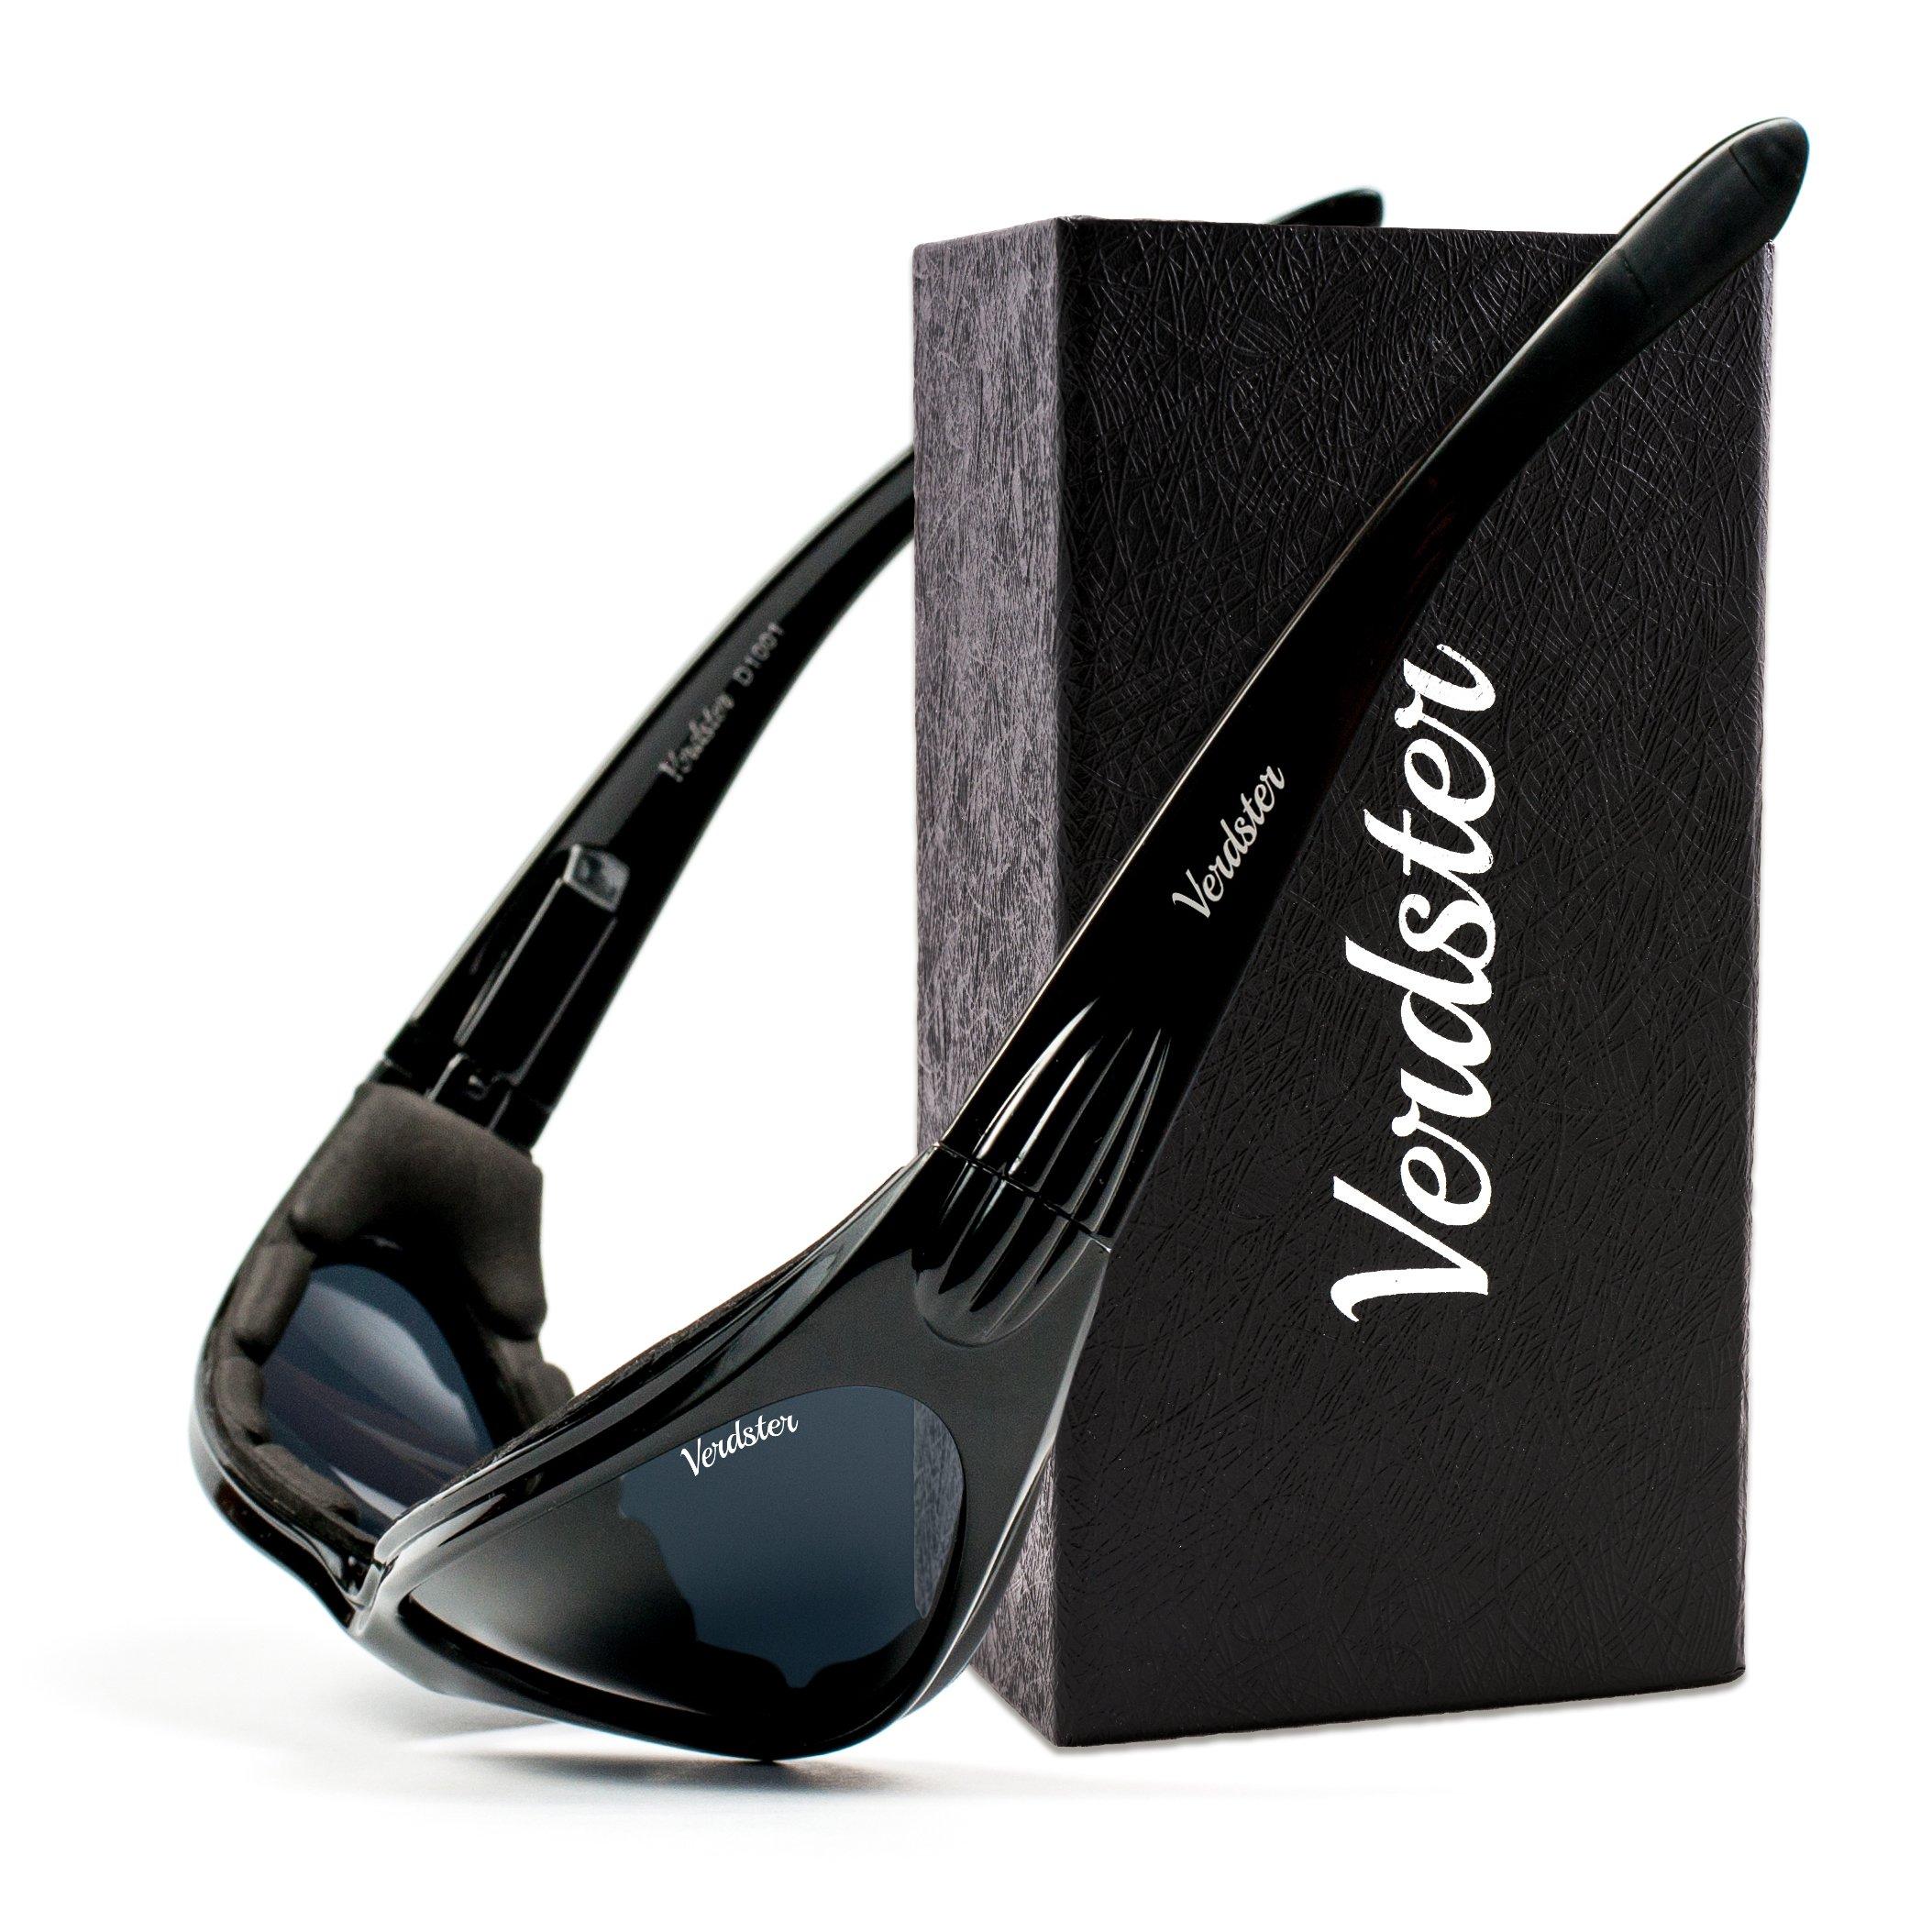 codice promozionale d7f0a a6984 Verdster Occhiali da sole POLARIZZATI da Uomo e Donna TourDePro - Montatura  Avvolgente Con Imbottitura - Protetezione UV - Face Shop